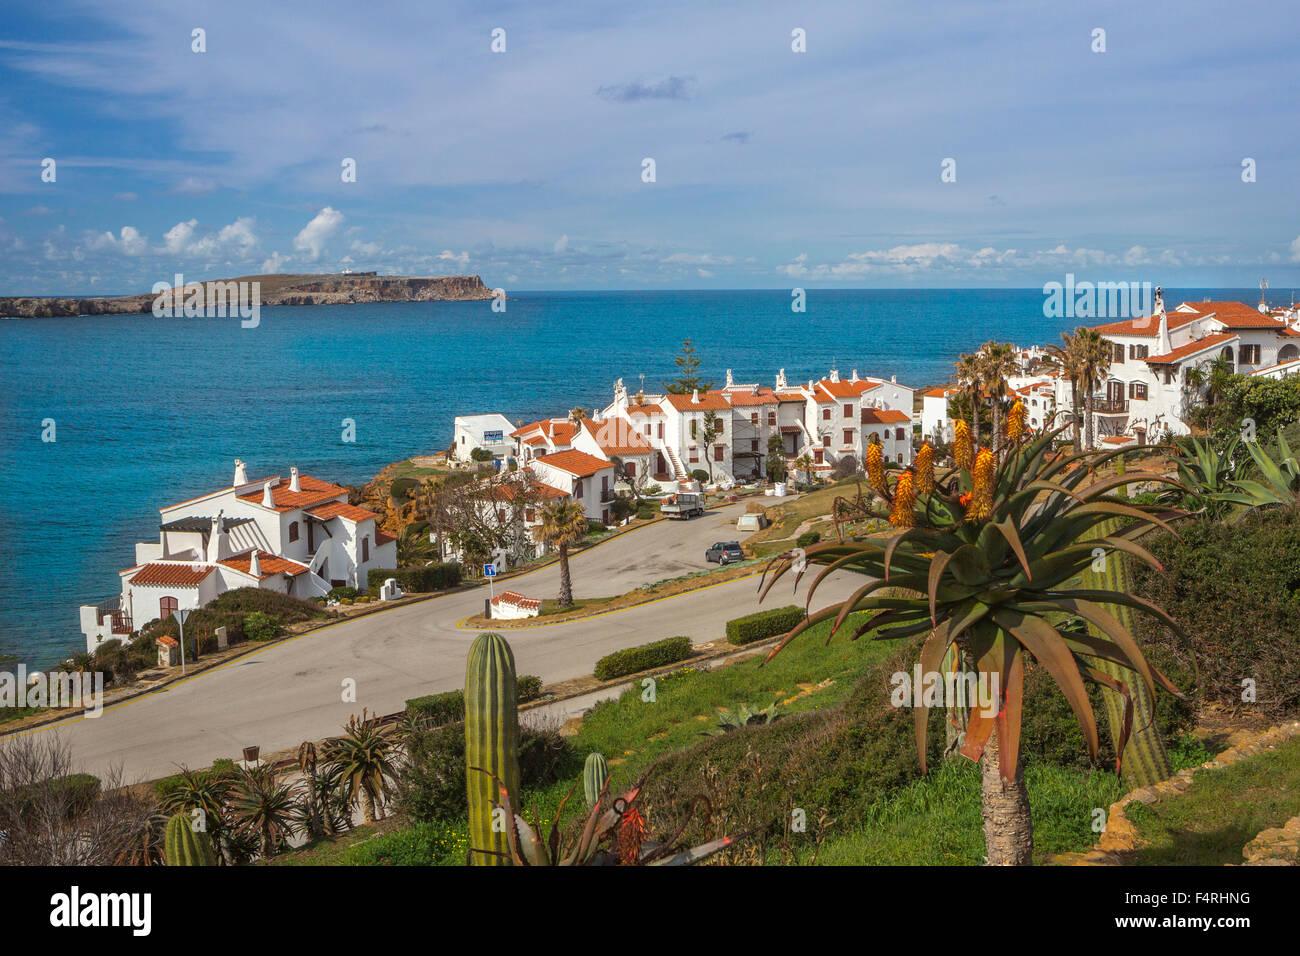 Paysage, Fornells, Minorque, Baleares, Espagne, Europe, Printemps, architecture, Iles Baléares, coloré, Photo Stock